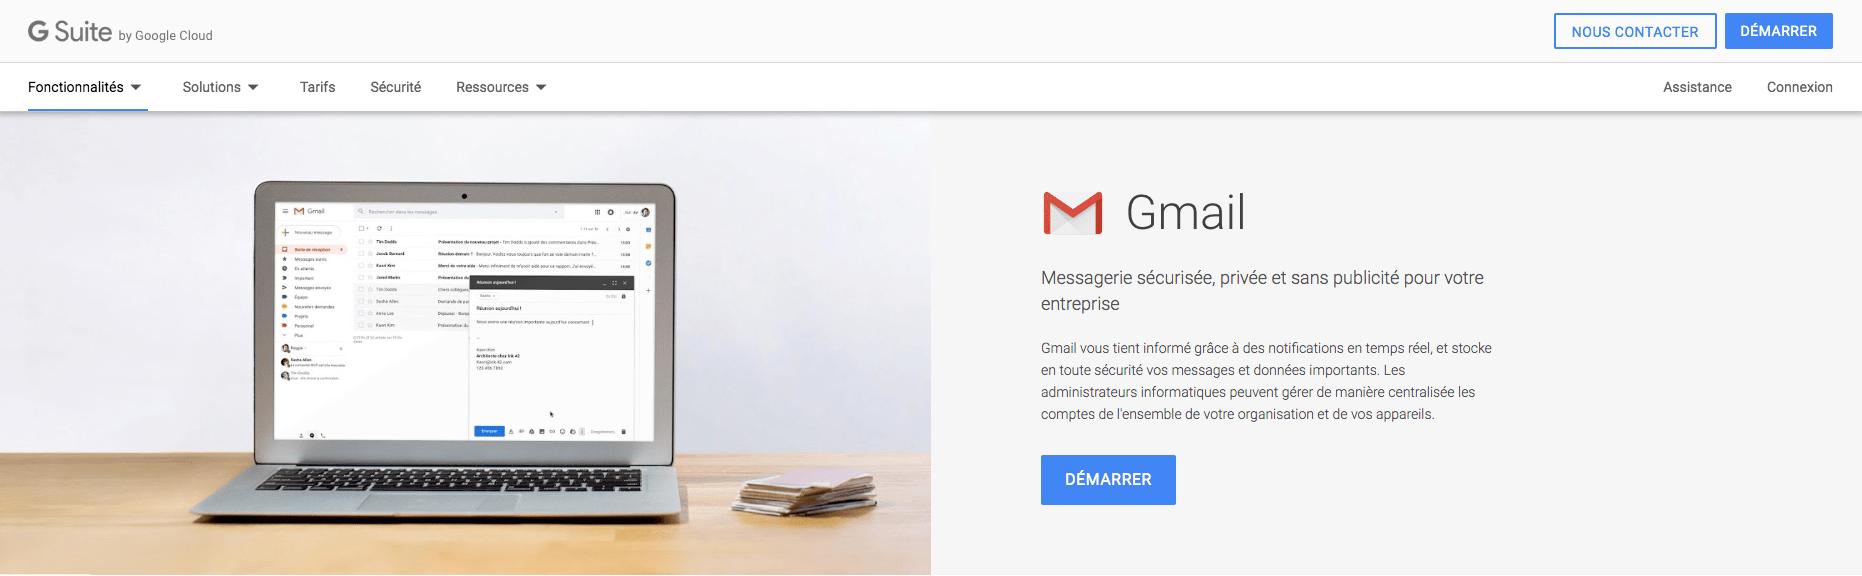 Capture d'écran 2019 11 15 à 15.15.46 1024x317 - Comment créer une adresse email professionnelle en 5 minutes ?